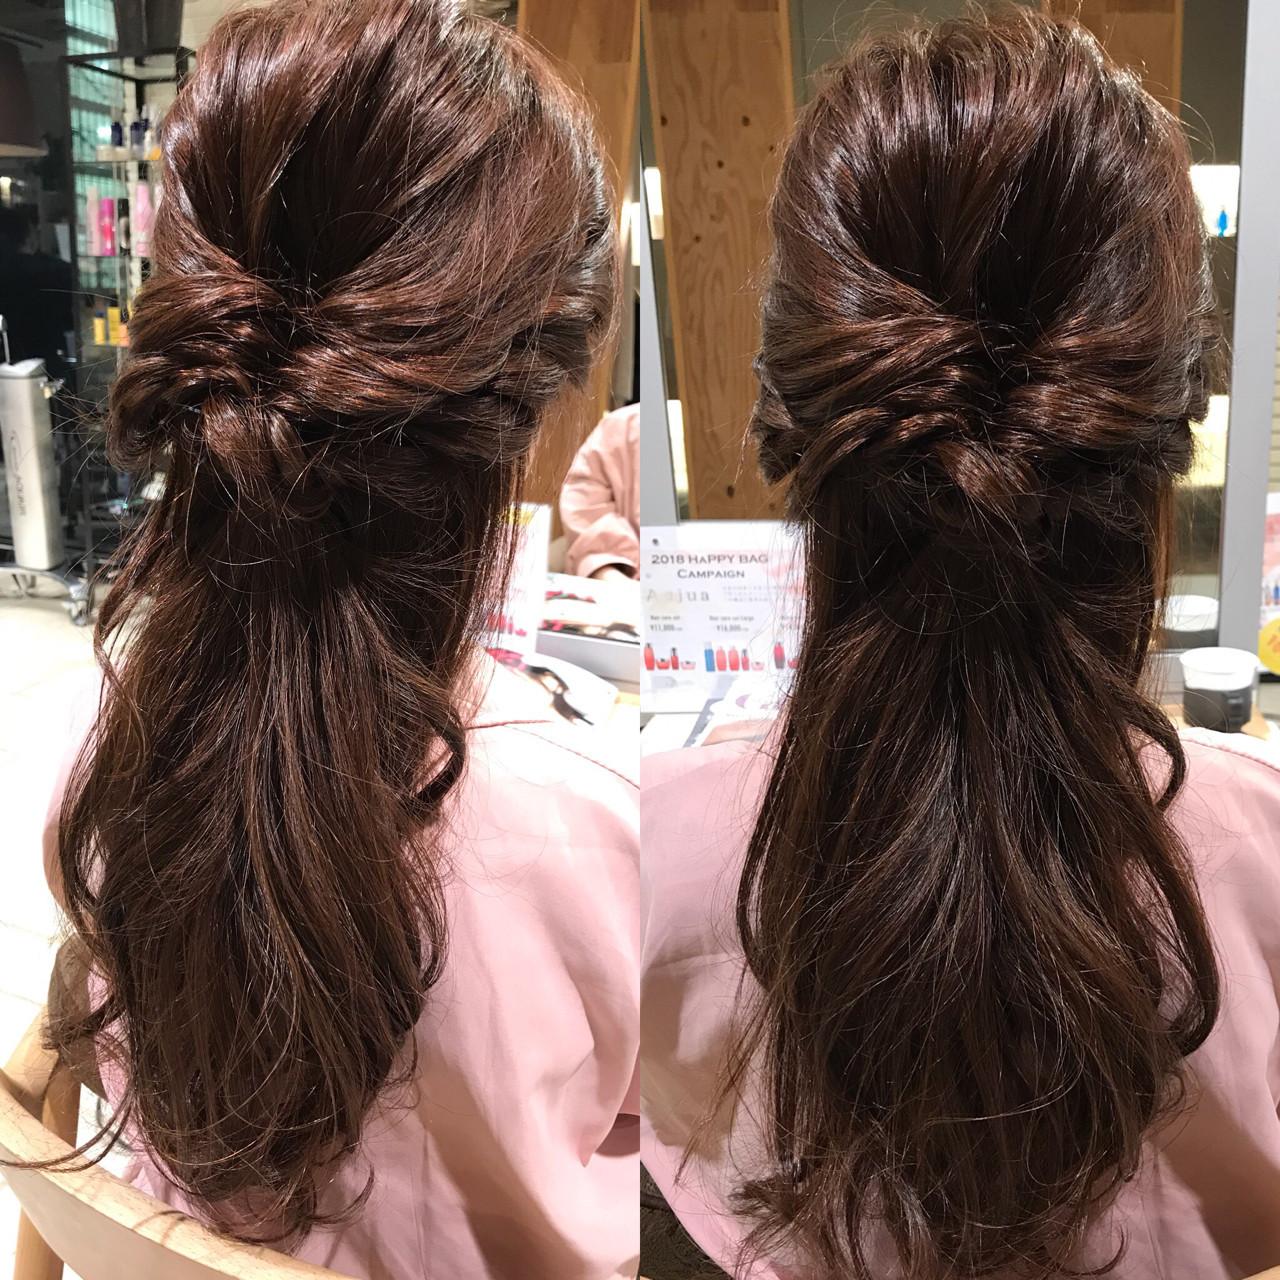 くるりんぱはハーフアップも魅力的♪ YASU | hair salon M.plus ヨツバコ店 (ヘアーサロン エムプラス)